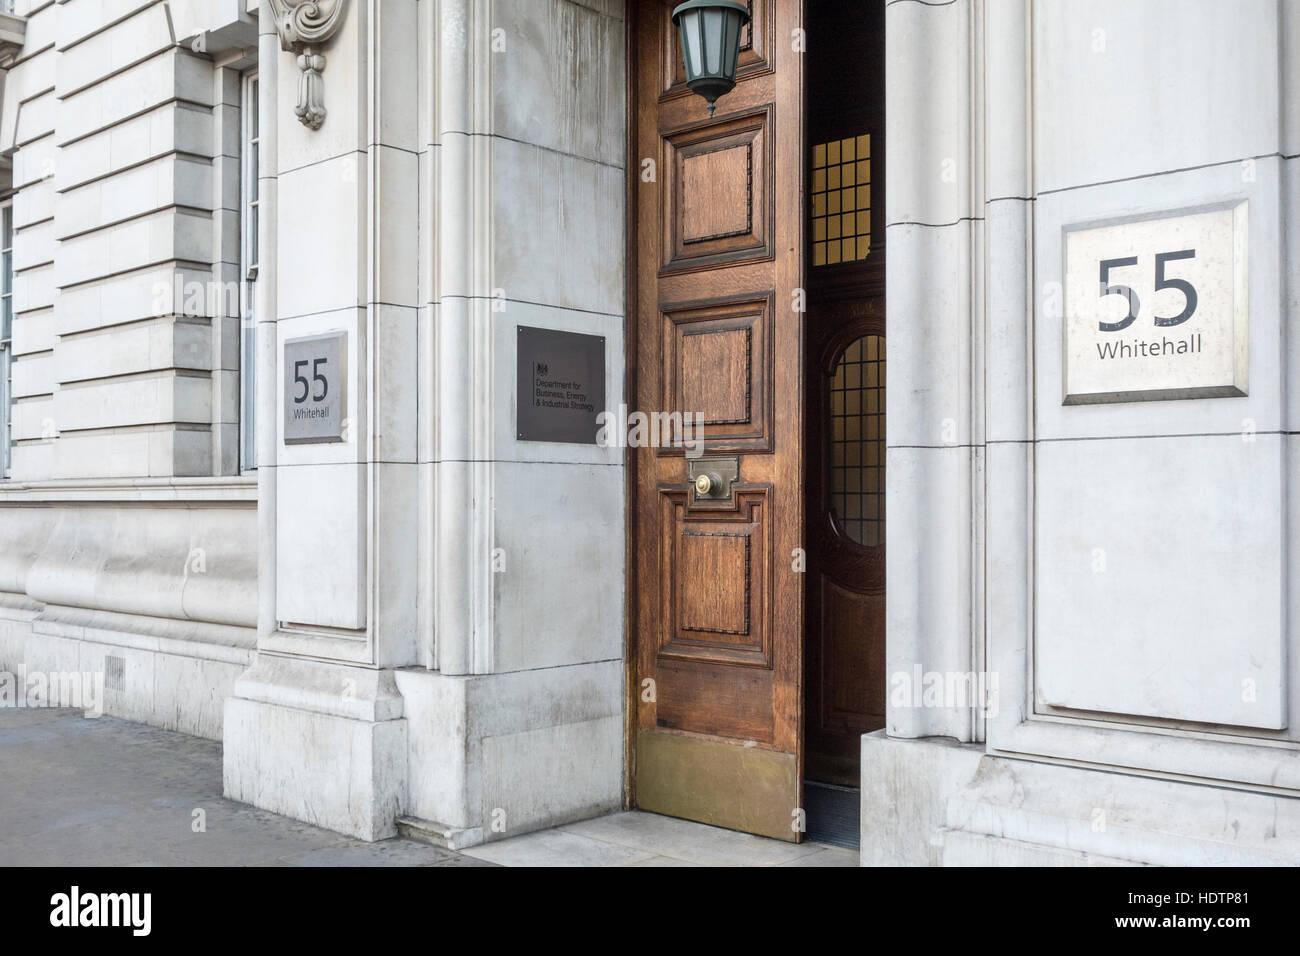 Ministère de l'économie de l'énergie et de stratégie industrielle, 55 Whitehall, Londres, Photo Stock